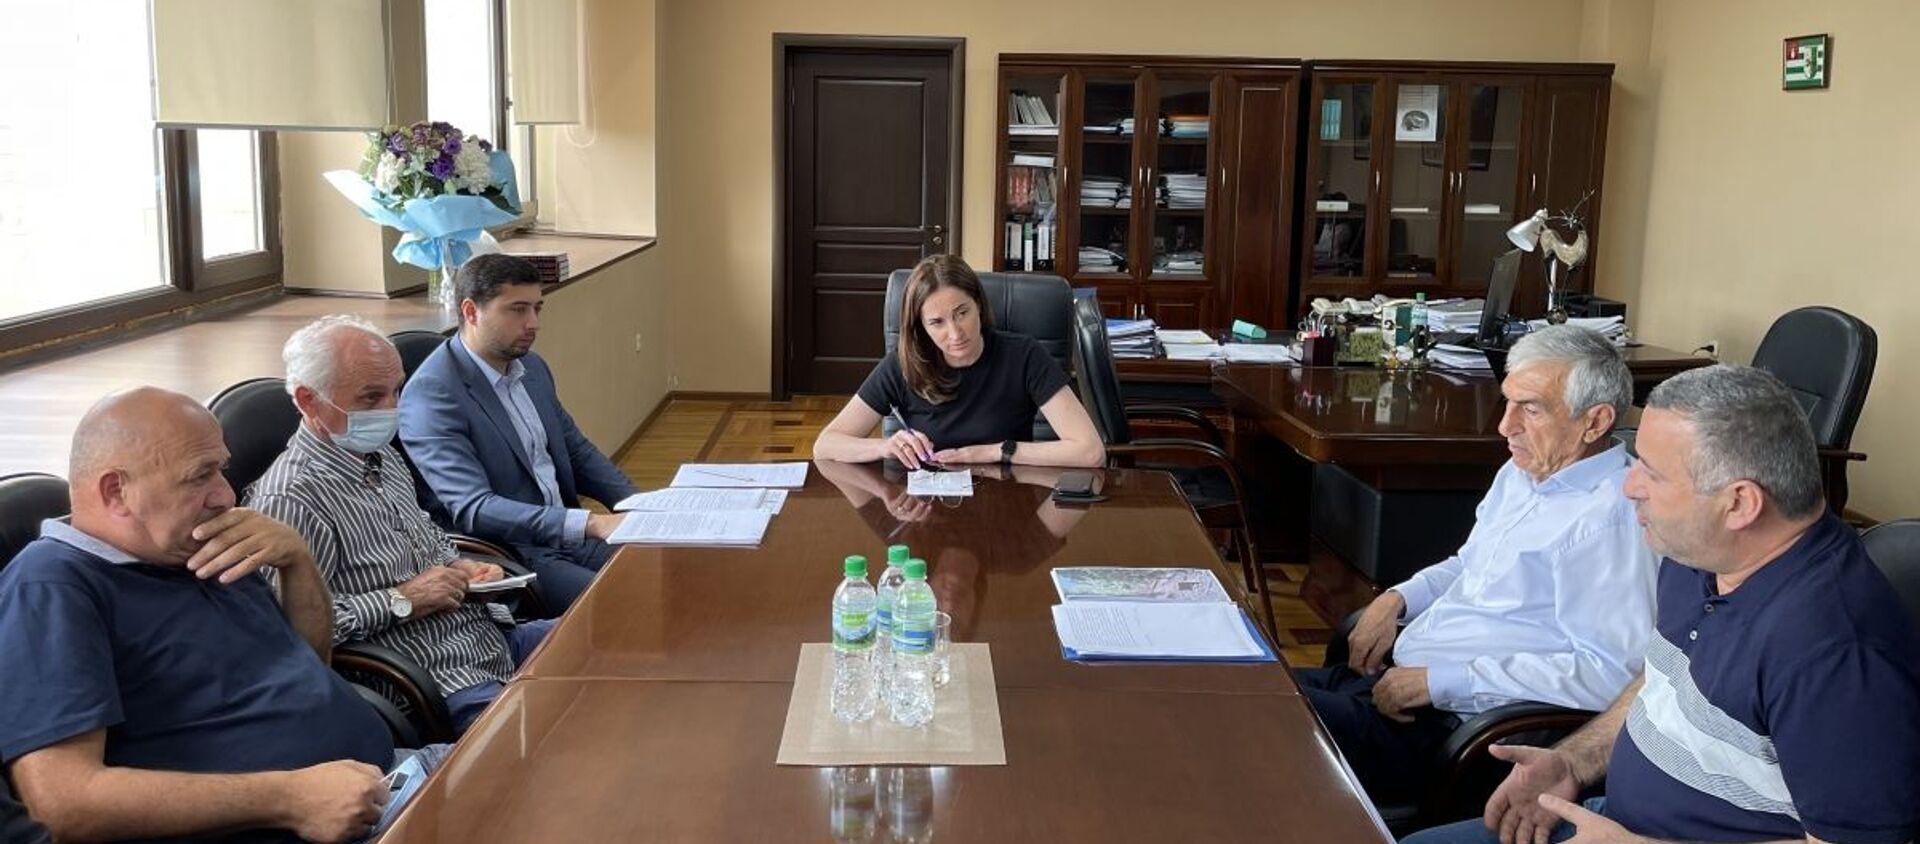 Вице-премьер, министр экономики Кристина Озган провела совещание с представителями Государственного управления лесного хозяйства, Государственного комитета по экологии и директорами лесхозов, на котором обсудили текущую ситуацию в отрасли. - Sputnik Абхазия, 1920, 27.07.2021